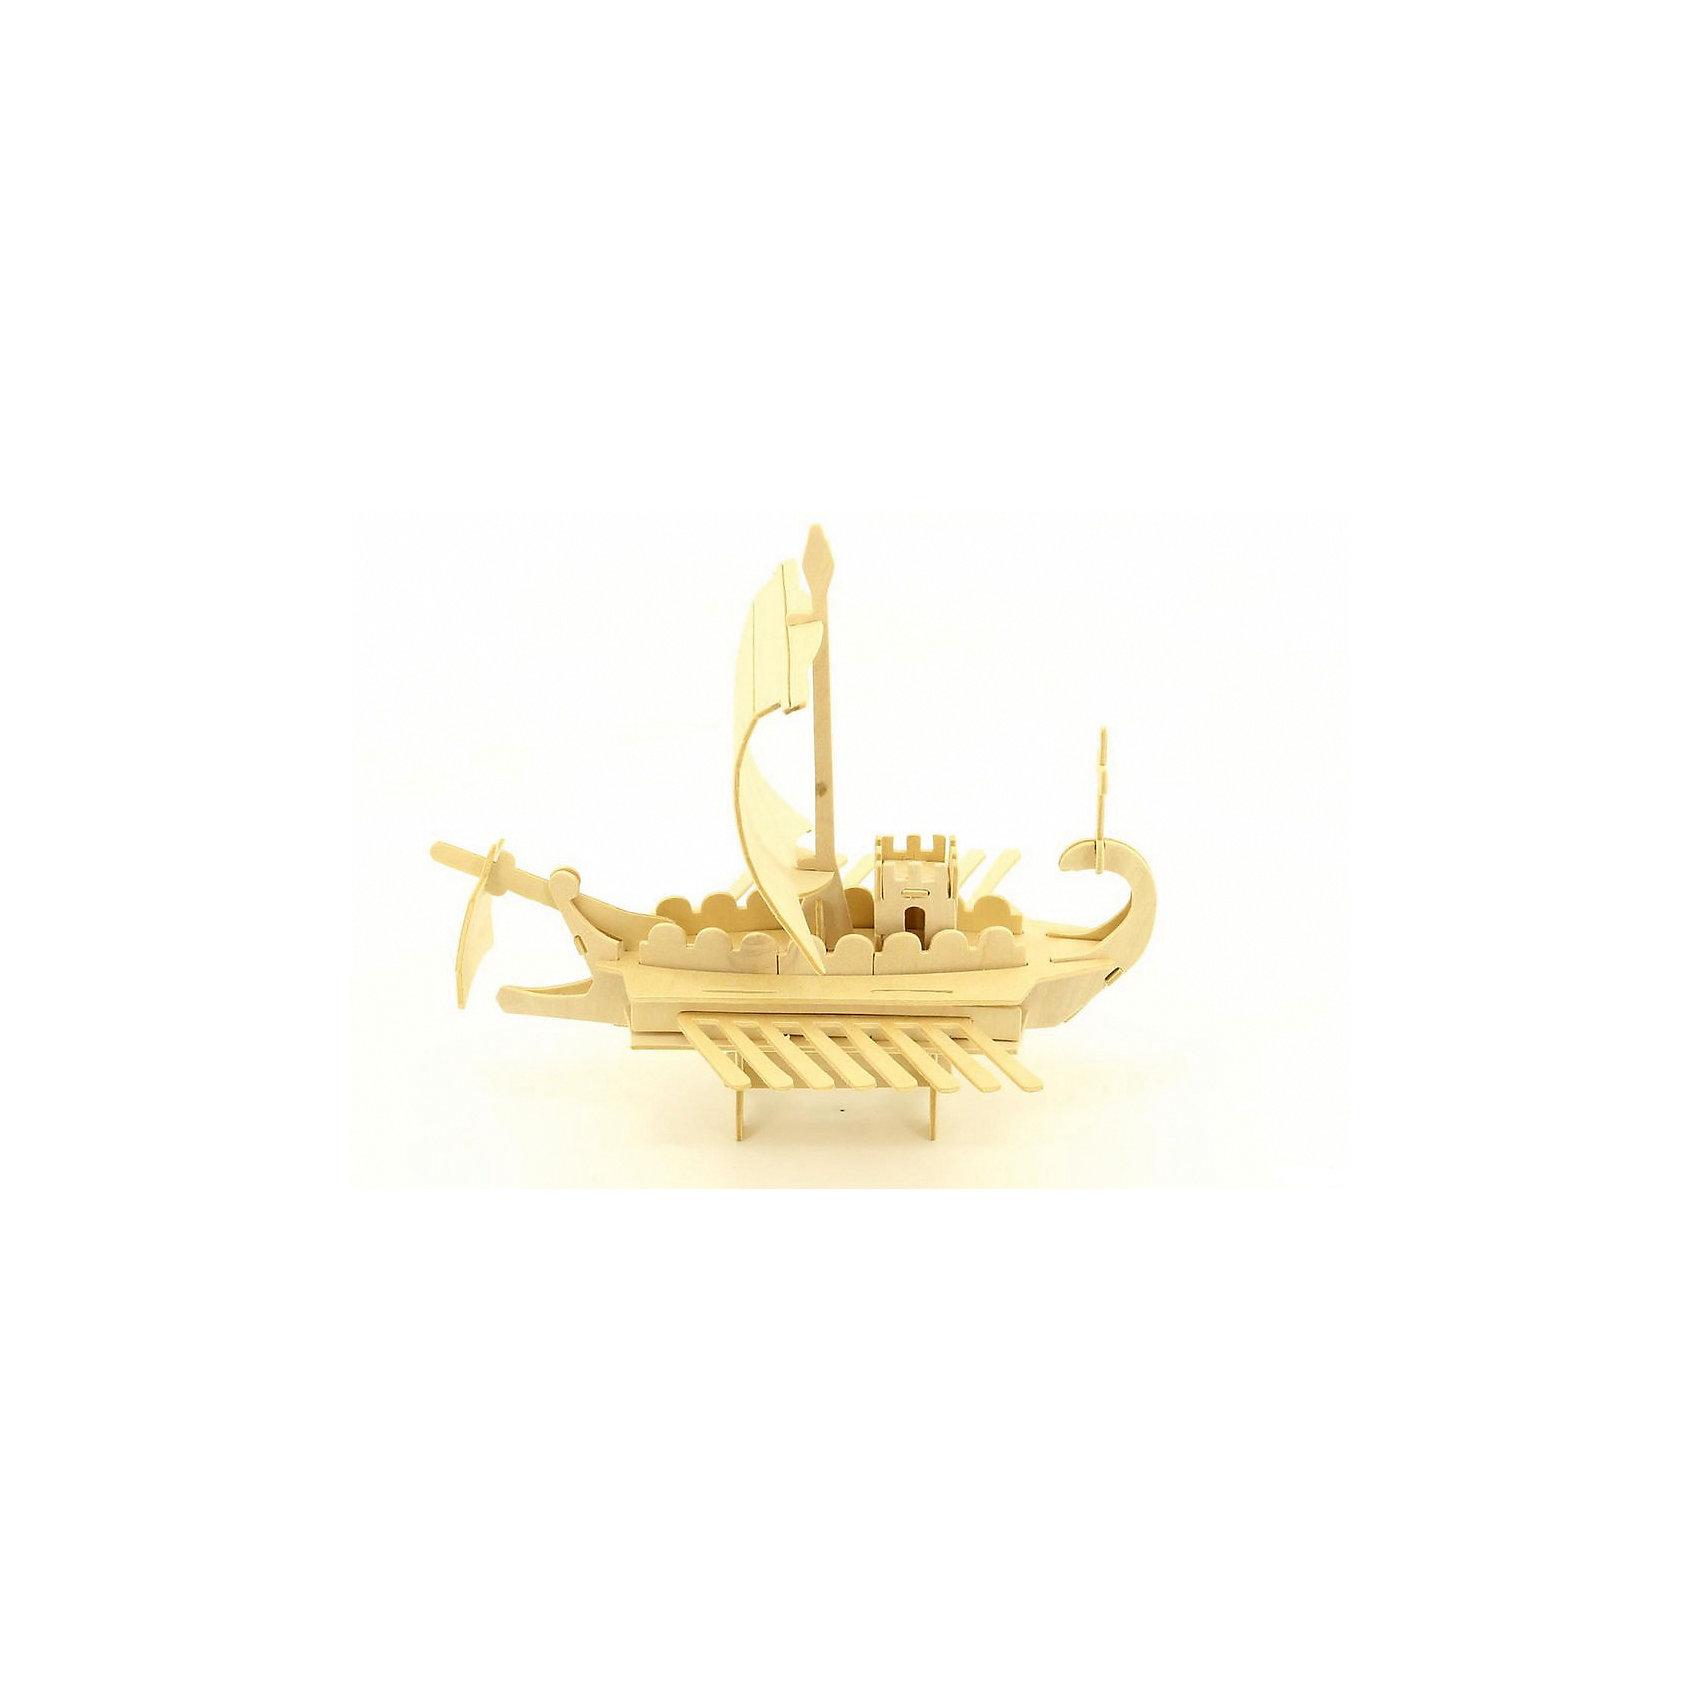 Римский военный корабль, Мир деревянных игрушекУдачный вариант подарка для любящего корабли творческого ребенка - этот набор, из которого можно самому сделать красивую деревянную фигуру! Для этого нужно выдавить из пластины с деталями элементы для сборки и соединить их. Из наборов получаются красивые очень реалистичные игрушки, которые могут стать украшением комнаты.<br>Собирая их, ребенок будет развивать пространственное мышление, память и мелкую моторику. А раскрашивая готовое произведение, дети научатся подбирать цвета и будут развивать художественные навыки. Этот набор произведен из качественных и безопасных для детей материалов - дерево тщательно обработано.<br><br>Дополнительная информация:<br><br>материал: дерево;<br>цвет: бежевый;<br>элементы: пластины с деталями для сборки, схема сборки;<br>размер упаковки: 23 х 18 см.<br><br>3D-пазл Римский военный корабль от бренда Мир деревянных игрушек можно купить в нашем магазине.<br><br>Ширина мм: 350<br>Глубина мм: 50<br>Высота мм: 225<br>Вес г: 450<br>Возраст от месяцев: 36<br>Возраст до месяцев: 144<br>Пол: Унисекс<br>Возраст: Детский<br>SKU: 4969216